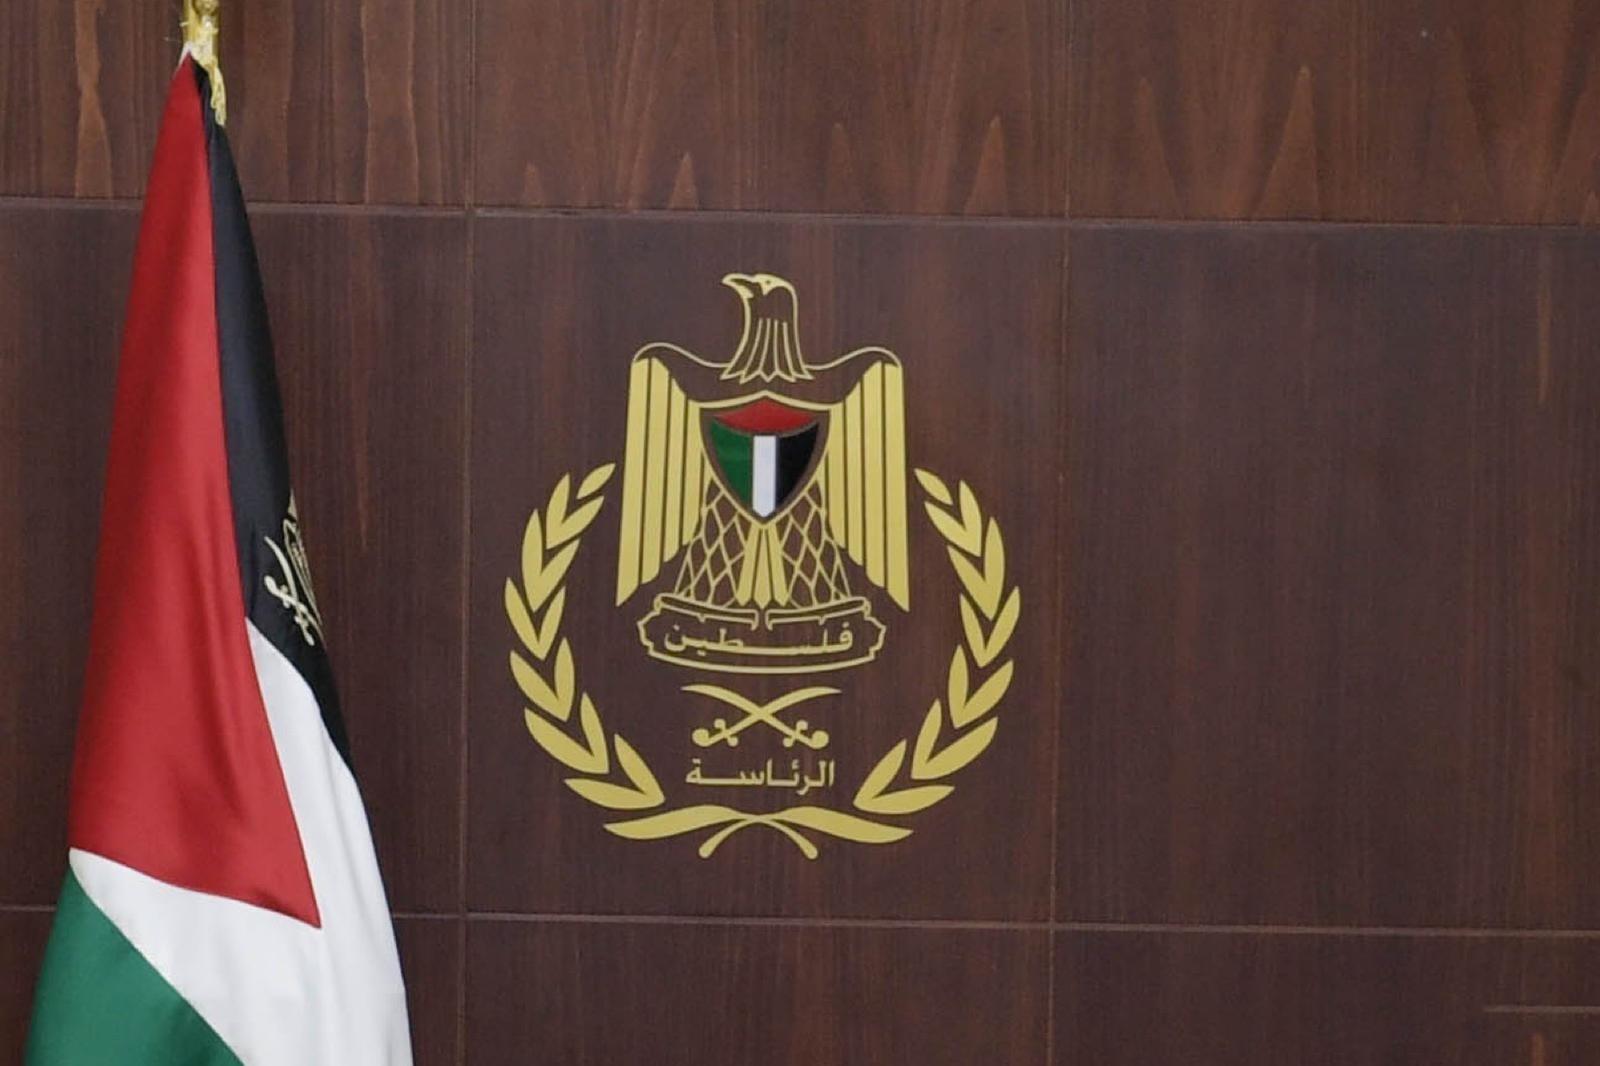 الرئاسة الفلسطينية رداً عل الخارجية الأميركية: أيّة محاولة لتزييف التاريخ والحقيقة لن تعطي الشرعية لأحد